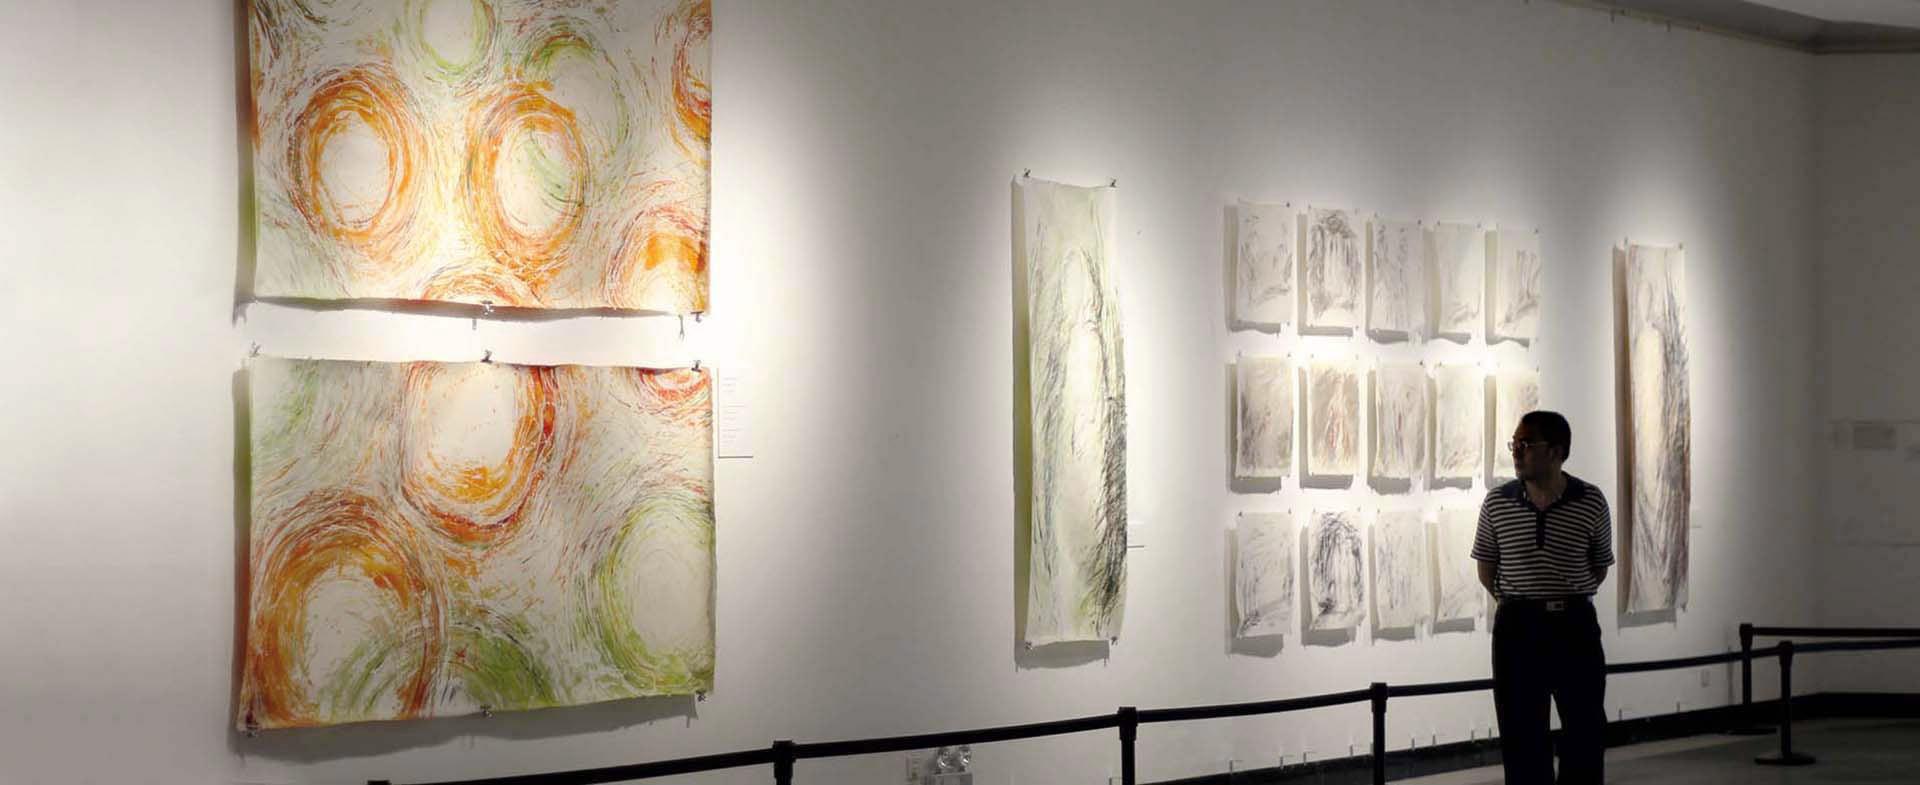 Wand mit Kraftkreisen-Marion Ehrsam